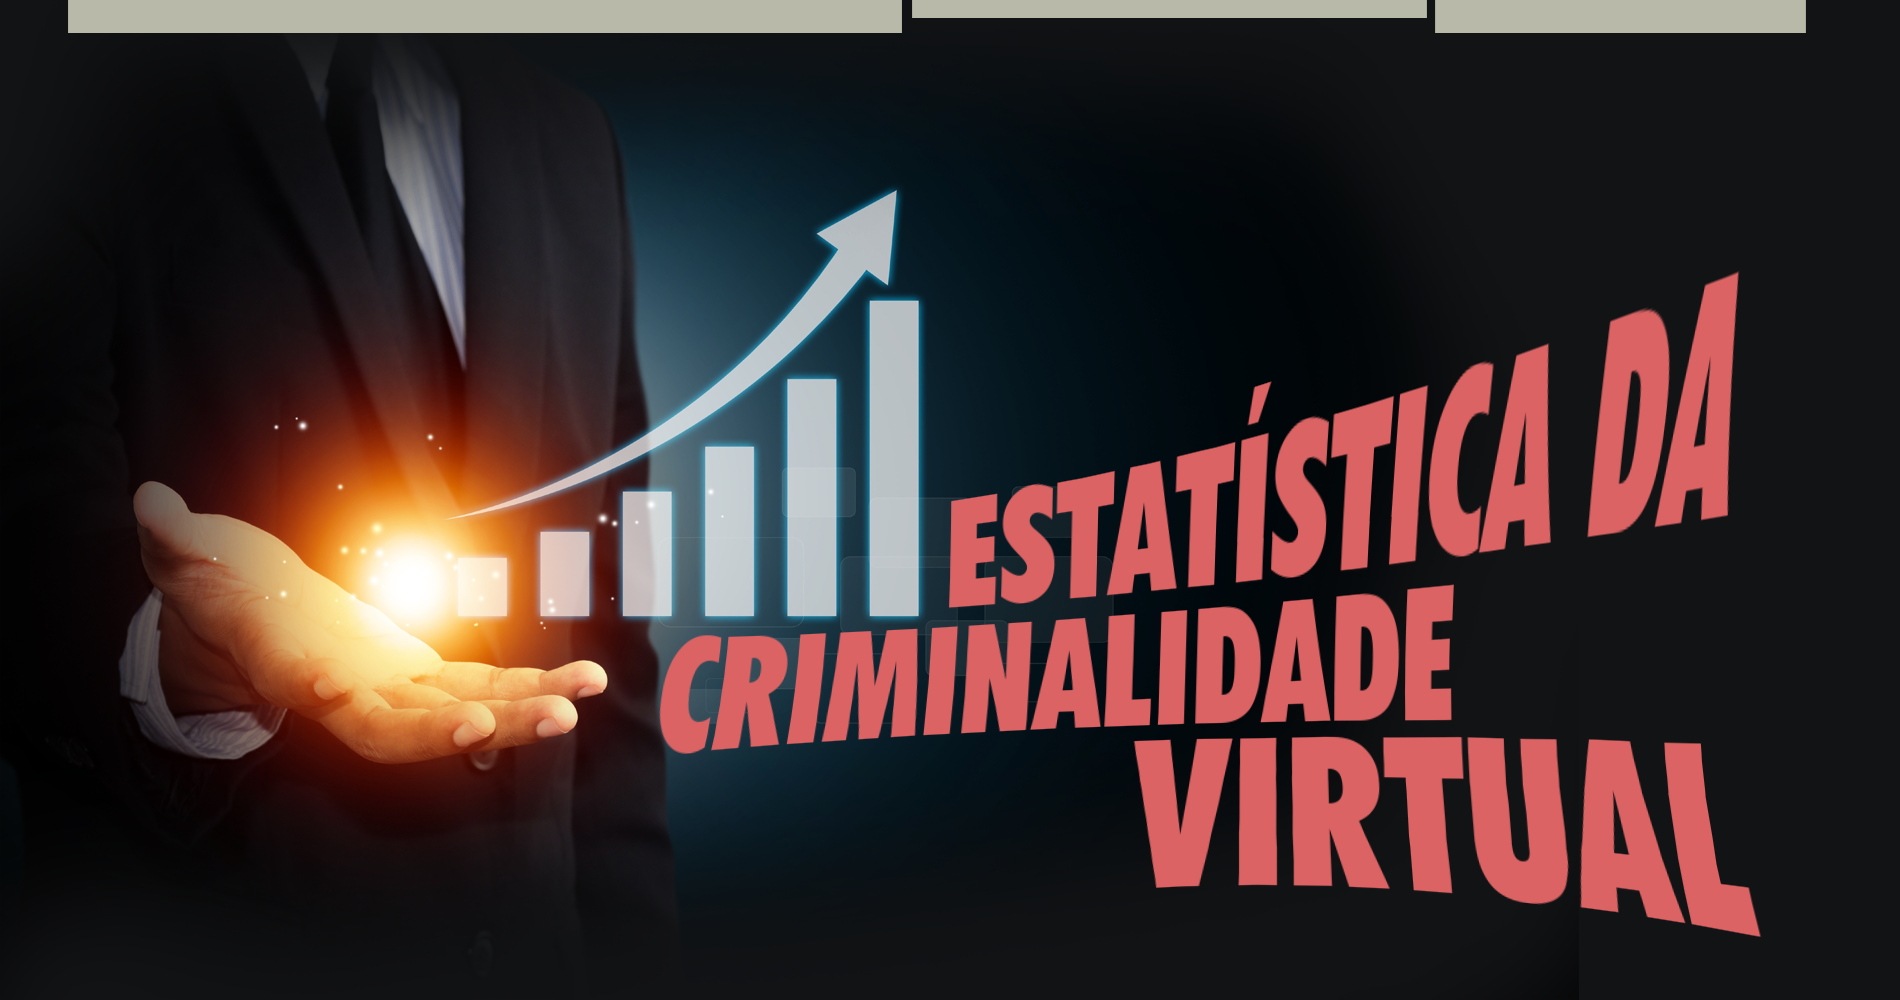 Estatística da criminalidade virtual.